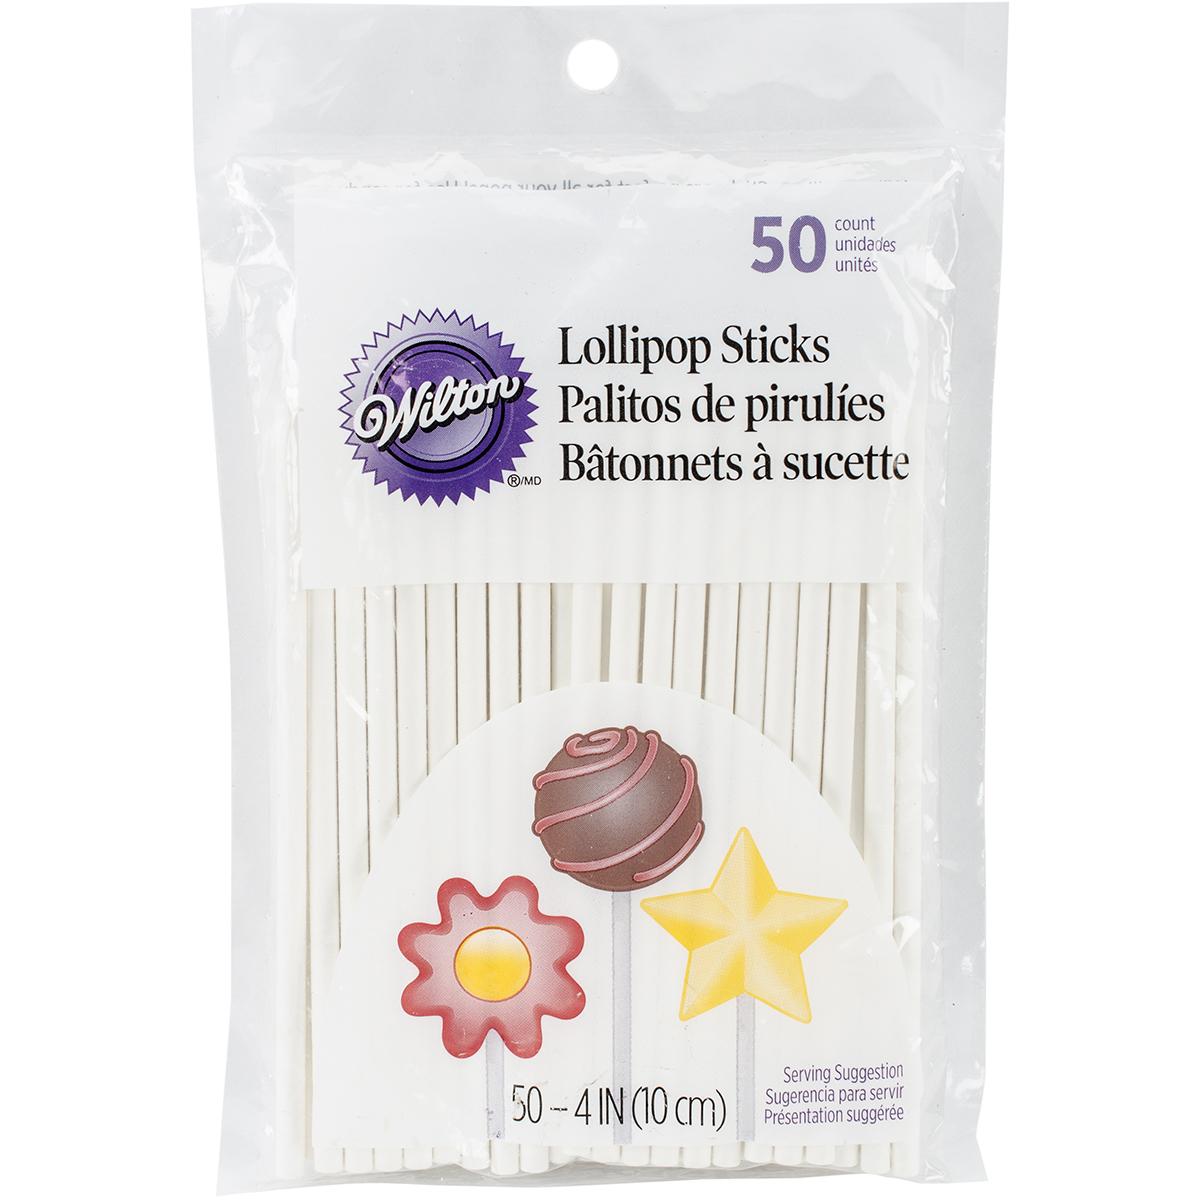 Lollipop Sticks 50 pack